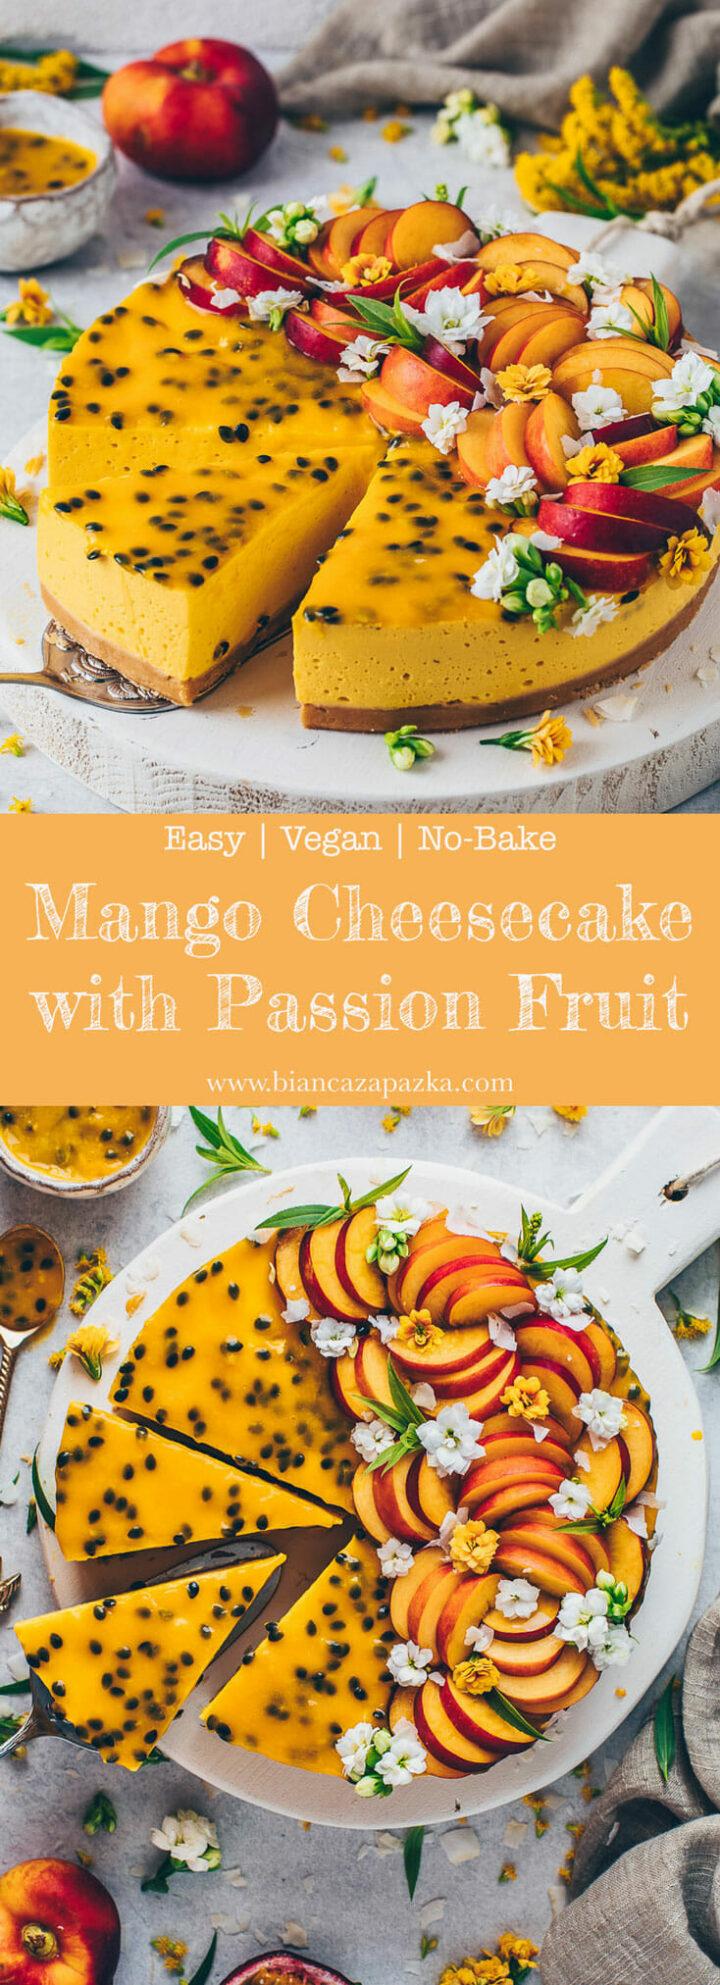 Mango Cheesecake | Passion Fruit Cake - Vegan No-Bake